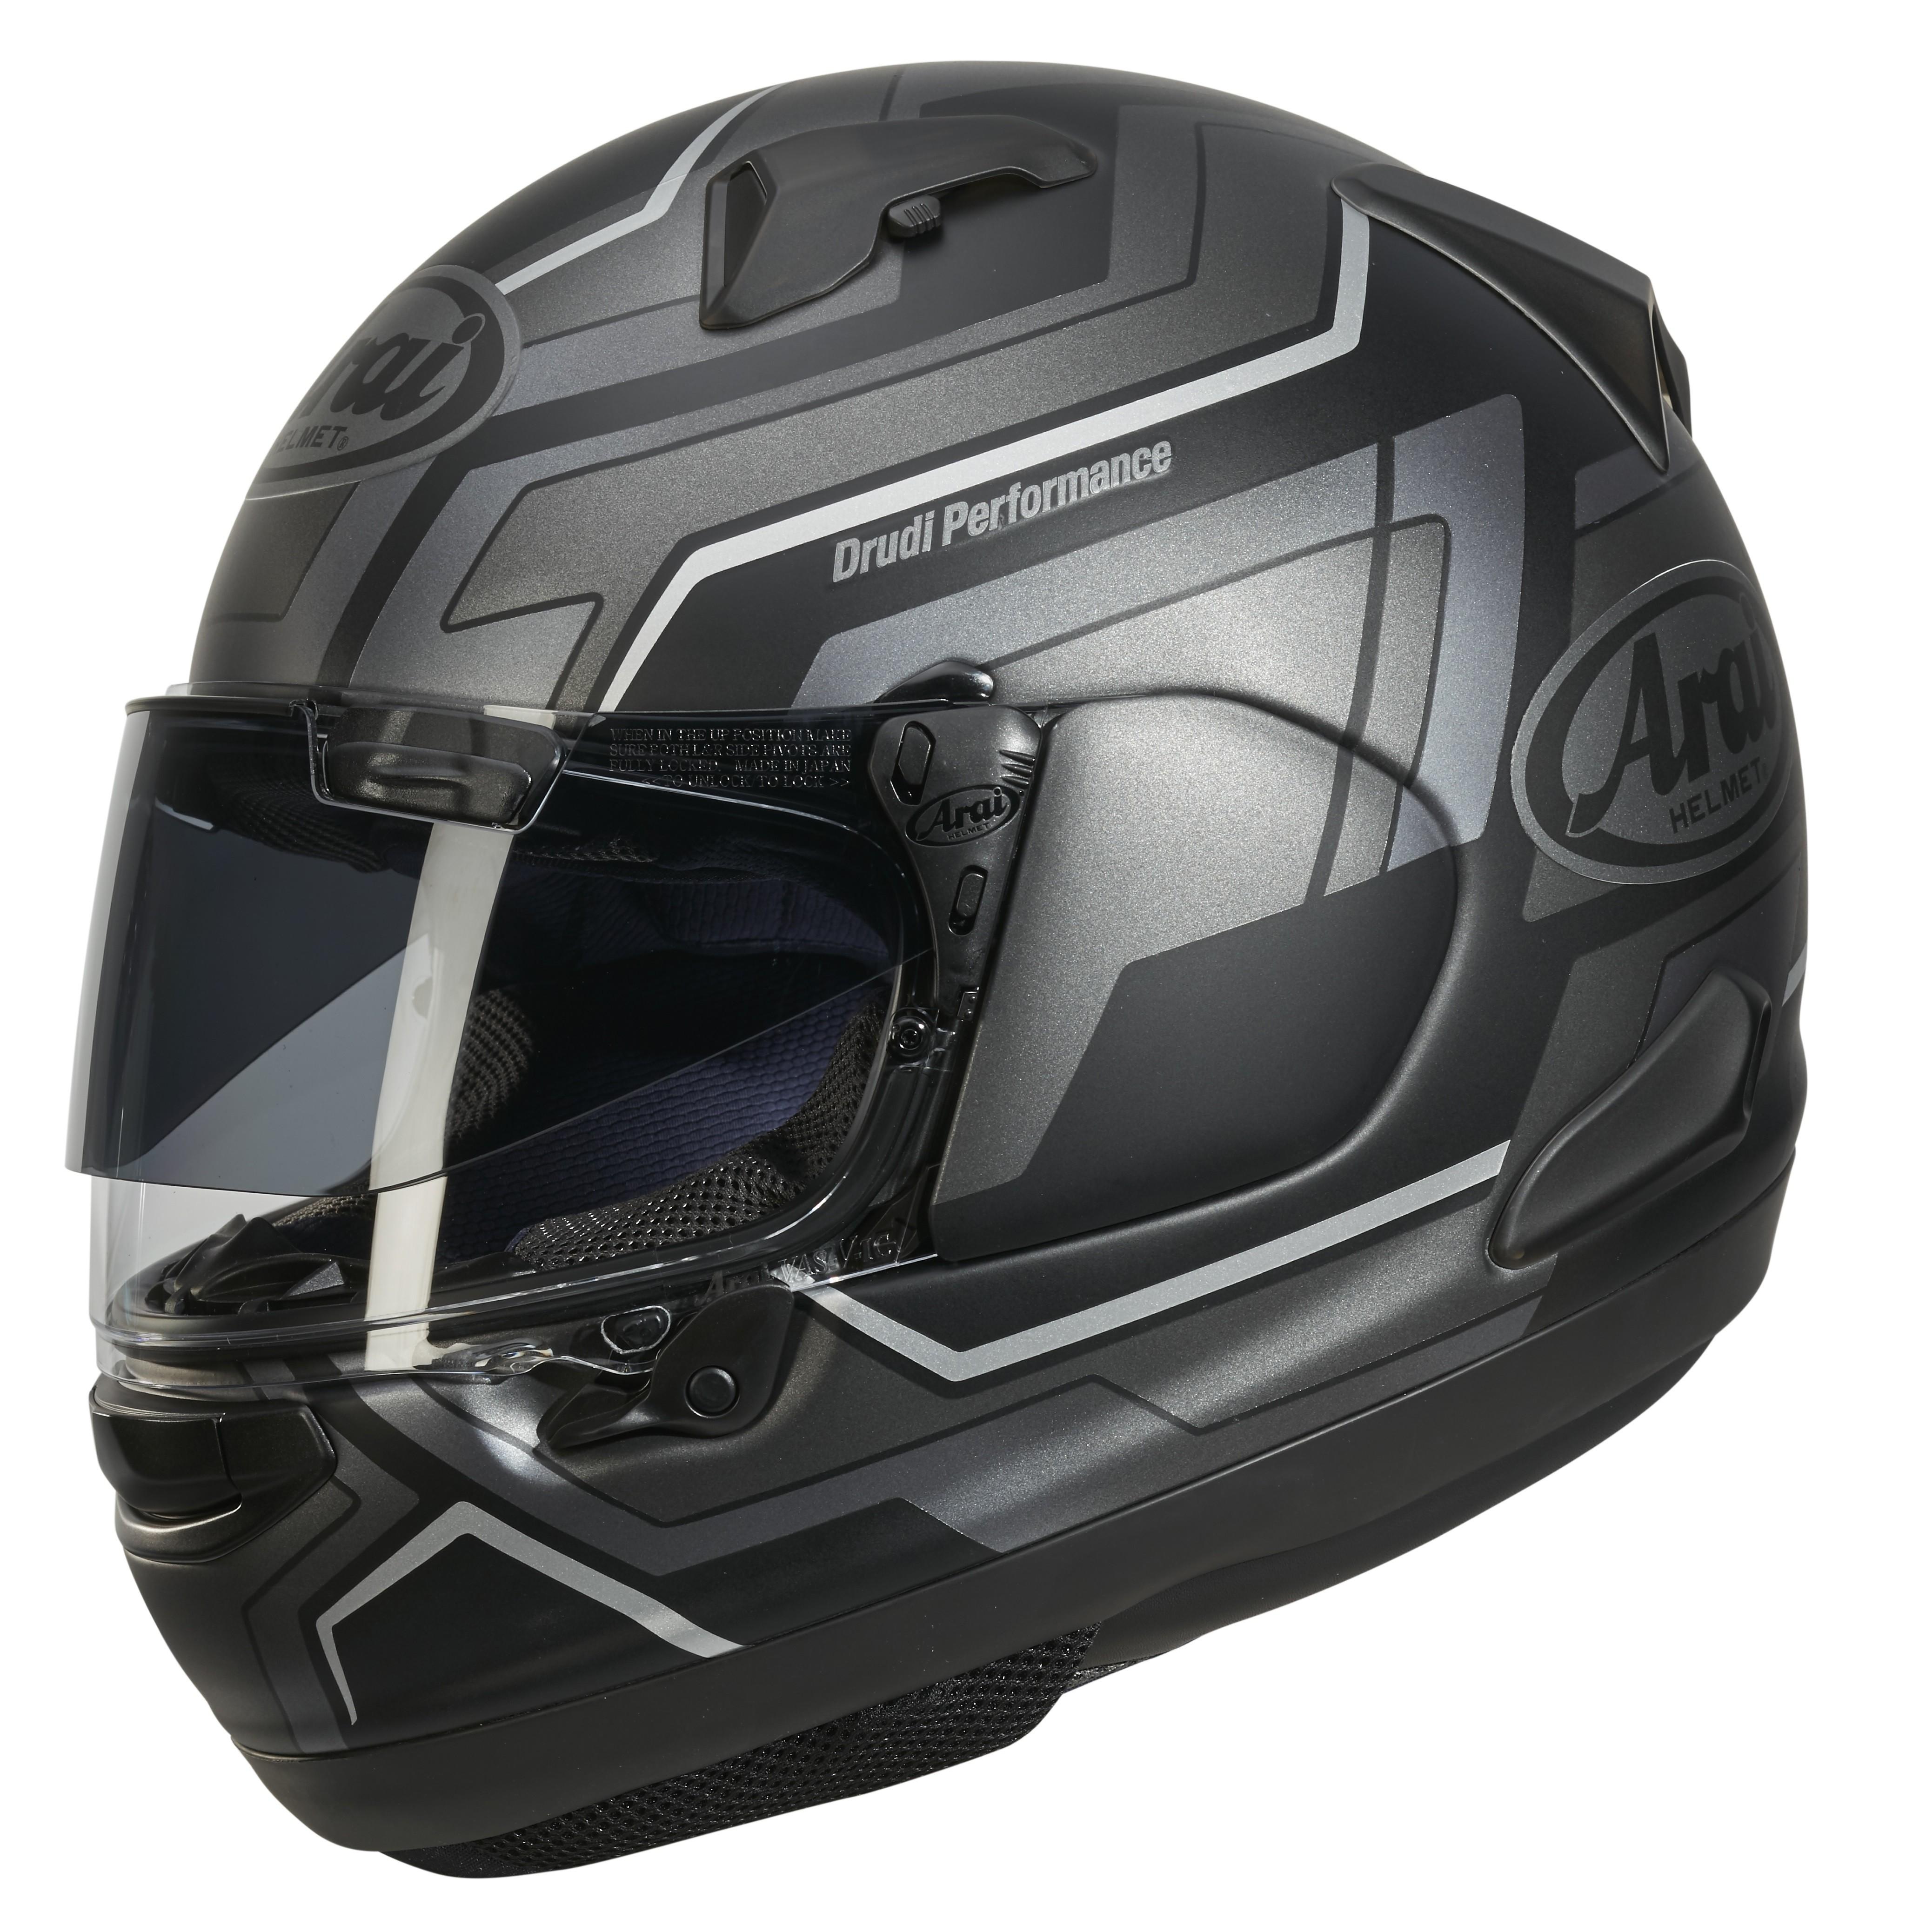 motorcycle helmets pros cons Arai xd4 black motorcycle full face helmet pros cons 4 arai defiant base helmet pros cons pros cons  top 5 best full face helmet reviews 1 shoei gt air .